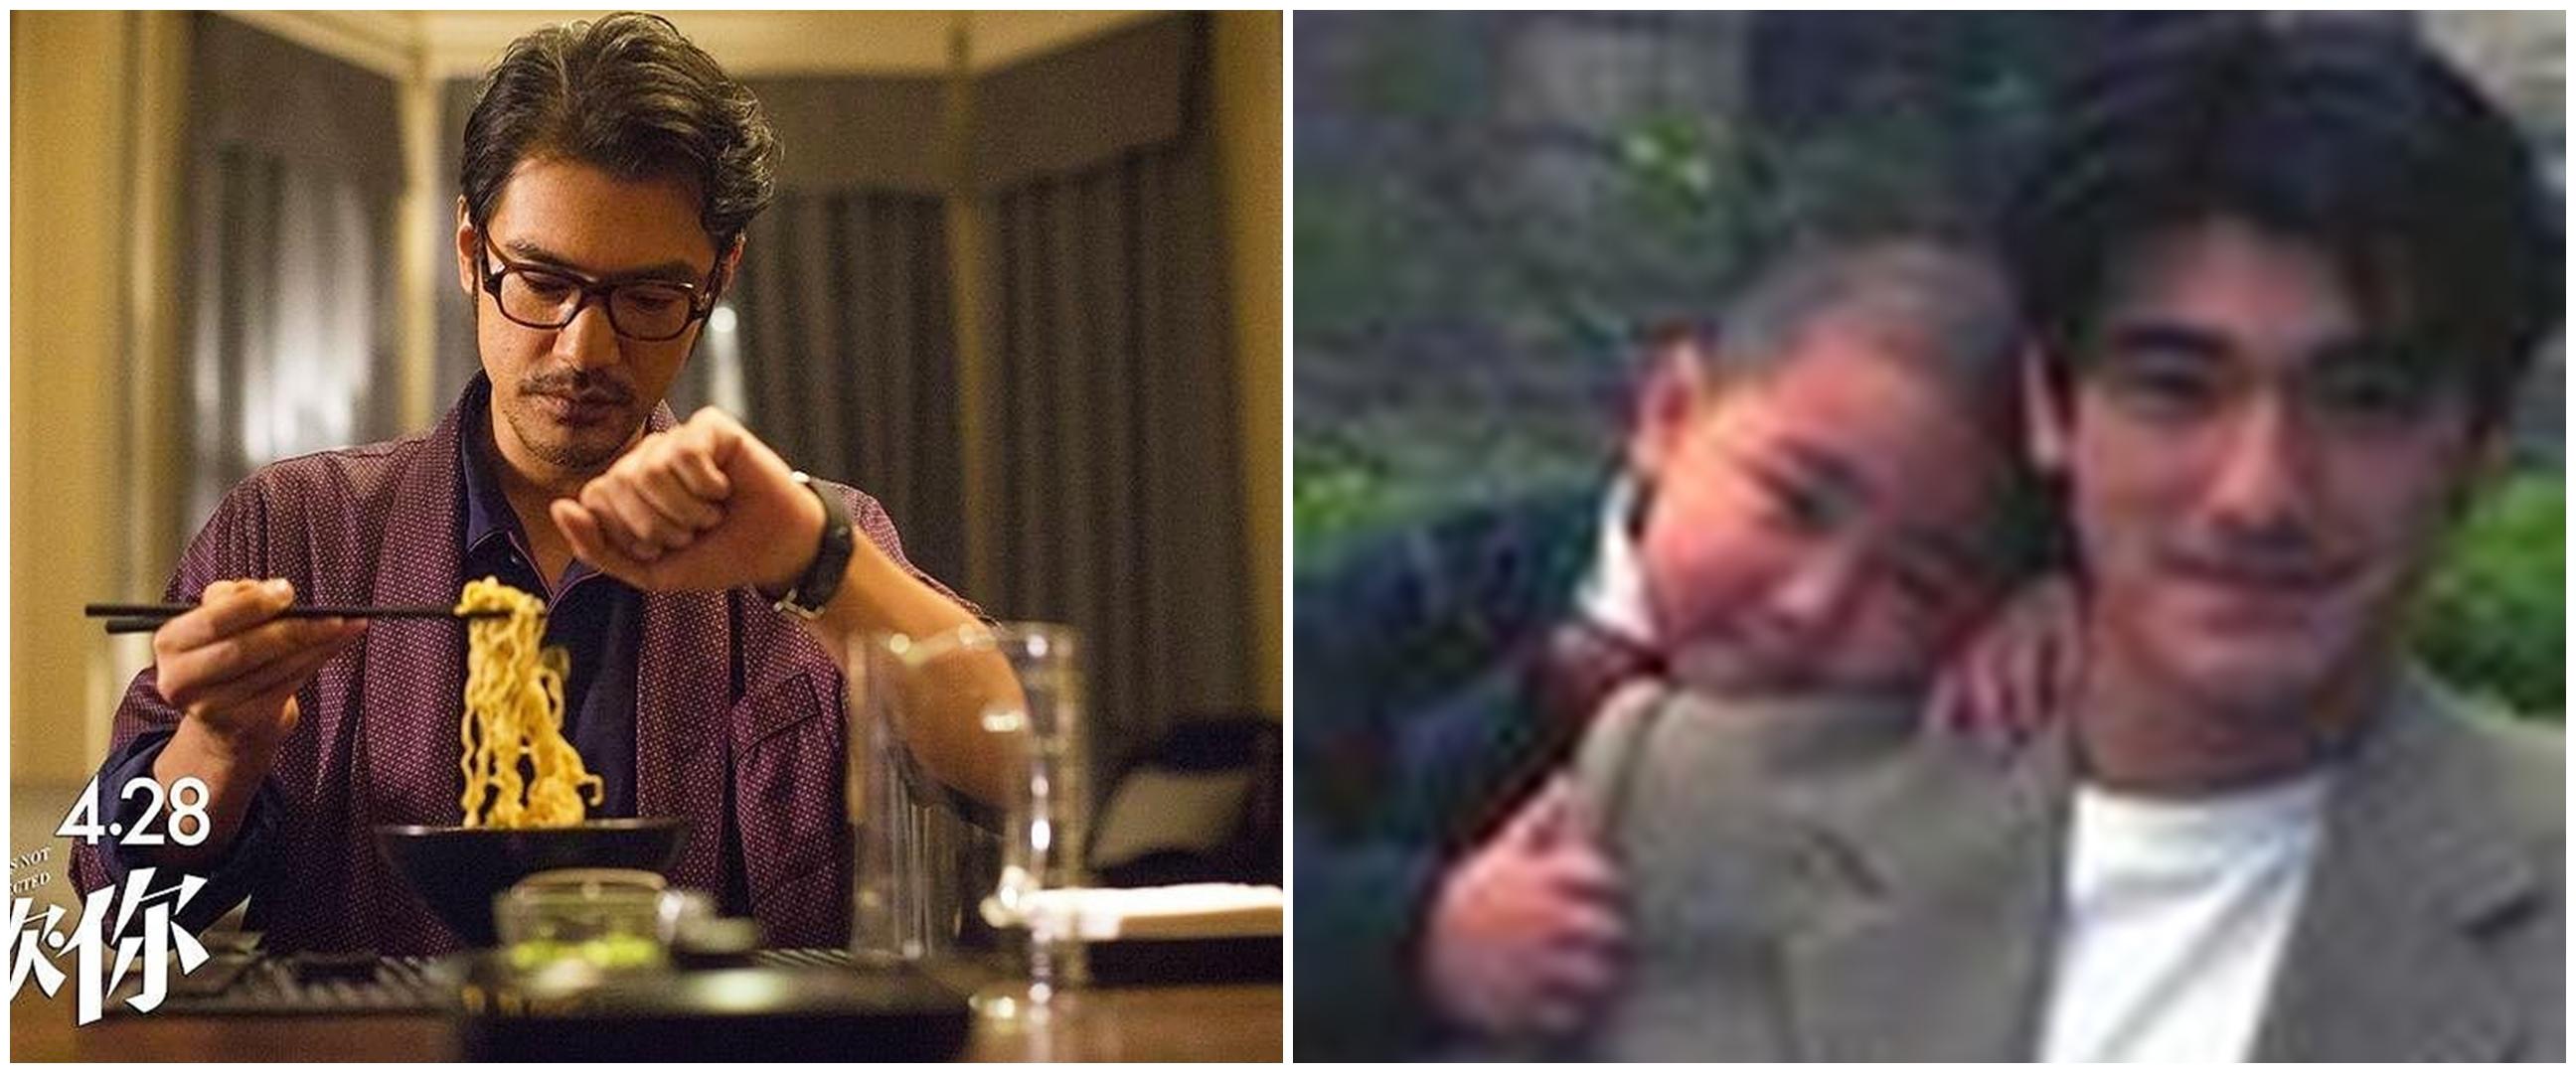 9 Foto terkini Takeshi Kaneshiro 'Boboho', awet muda di usia 46 tahun